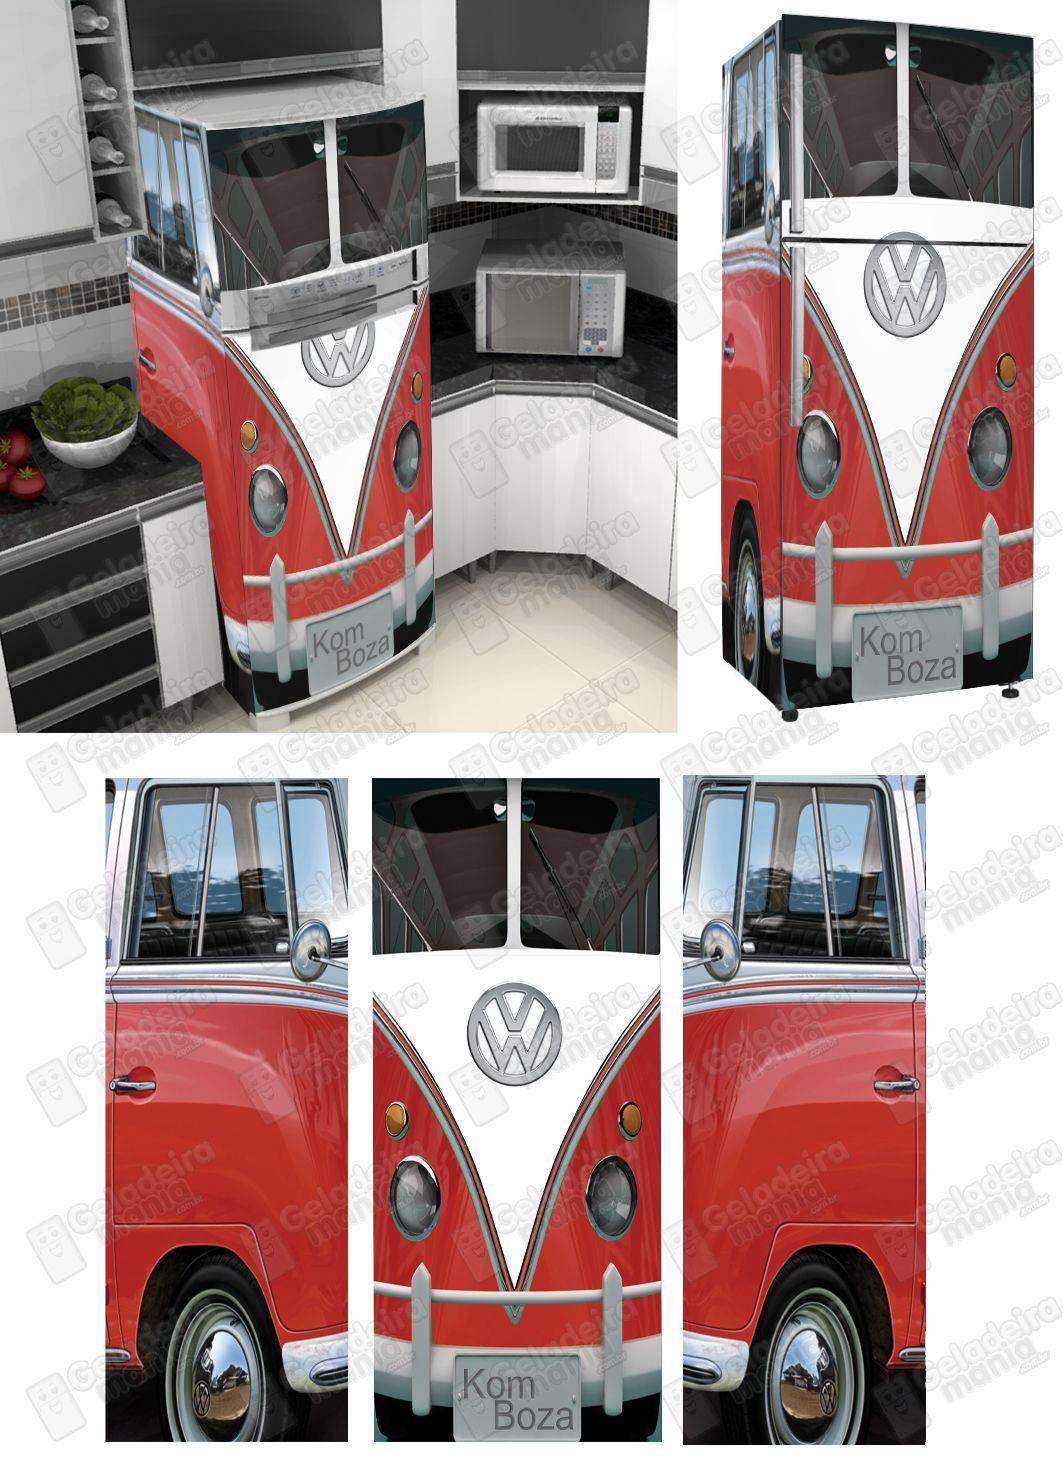 fb5ef33aac KB042 Komboza A Geladeira Mania pode te oferecer centenas de modelos um  mais lindo que o